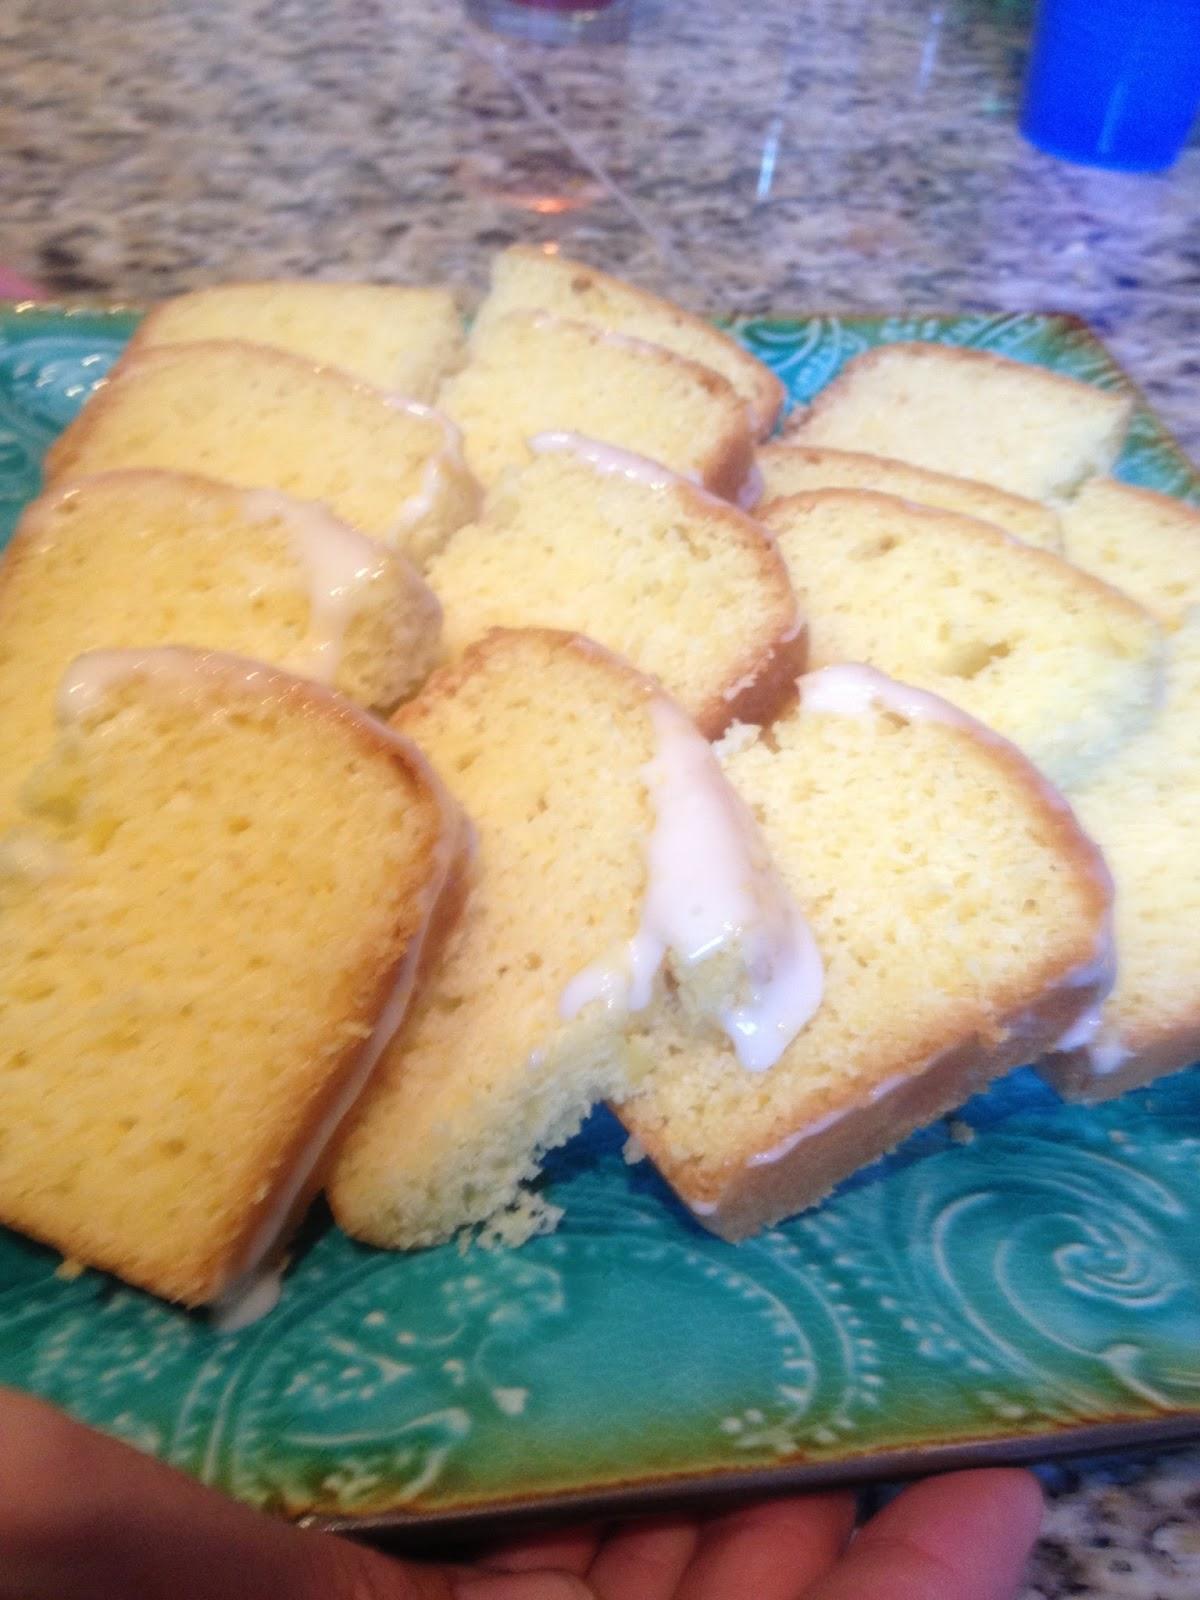 Flannery Kitchen Lemon Pound Cake With Lemon Glaze